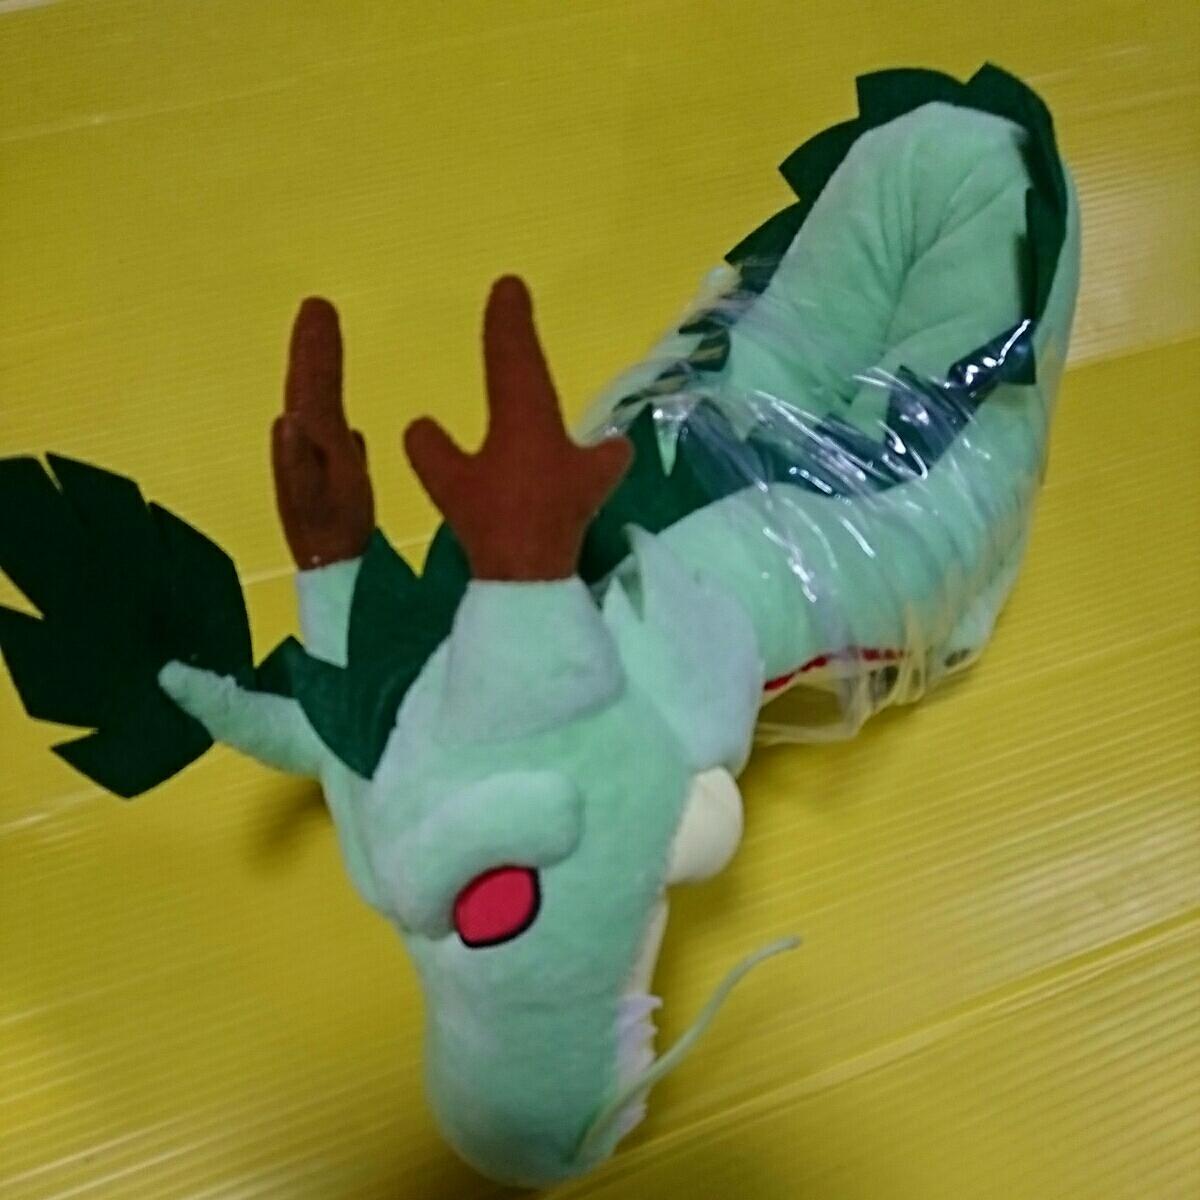 ドラゴンボール超 めちゃながぬいぐるみ~神龍召喚~